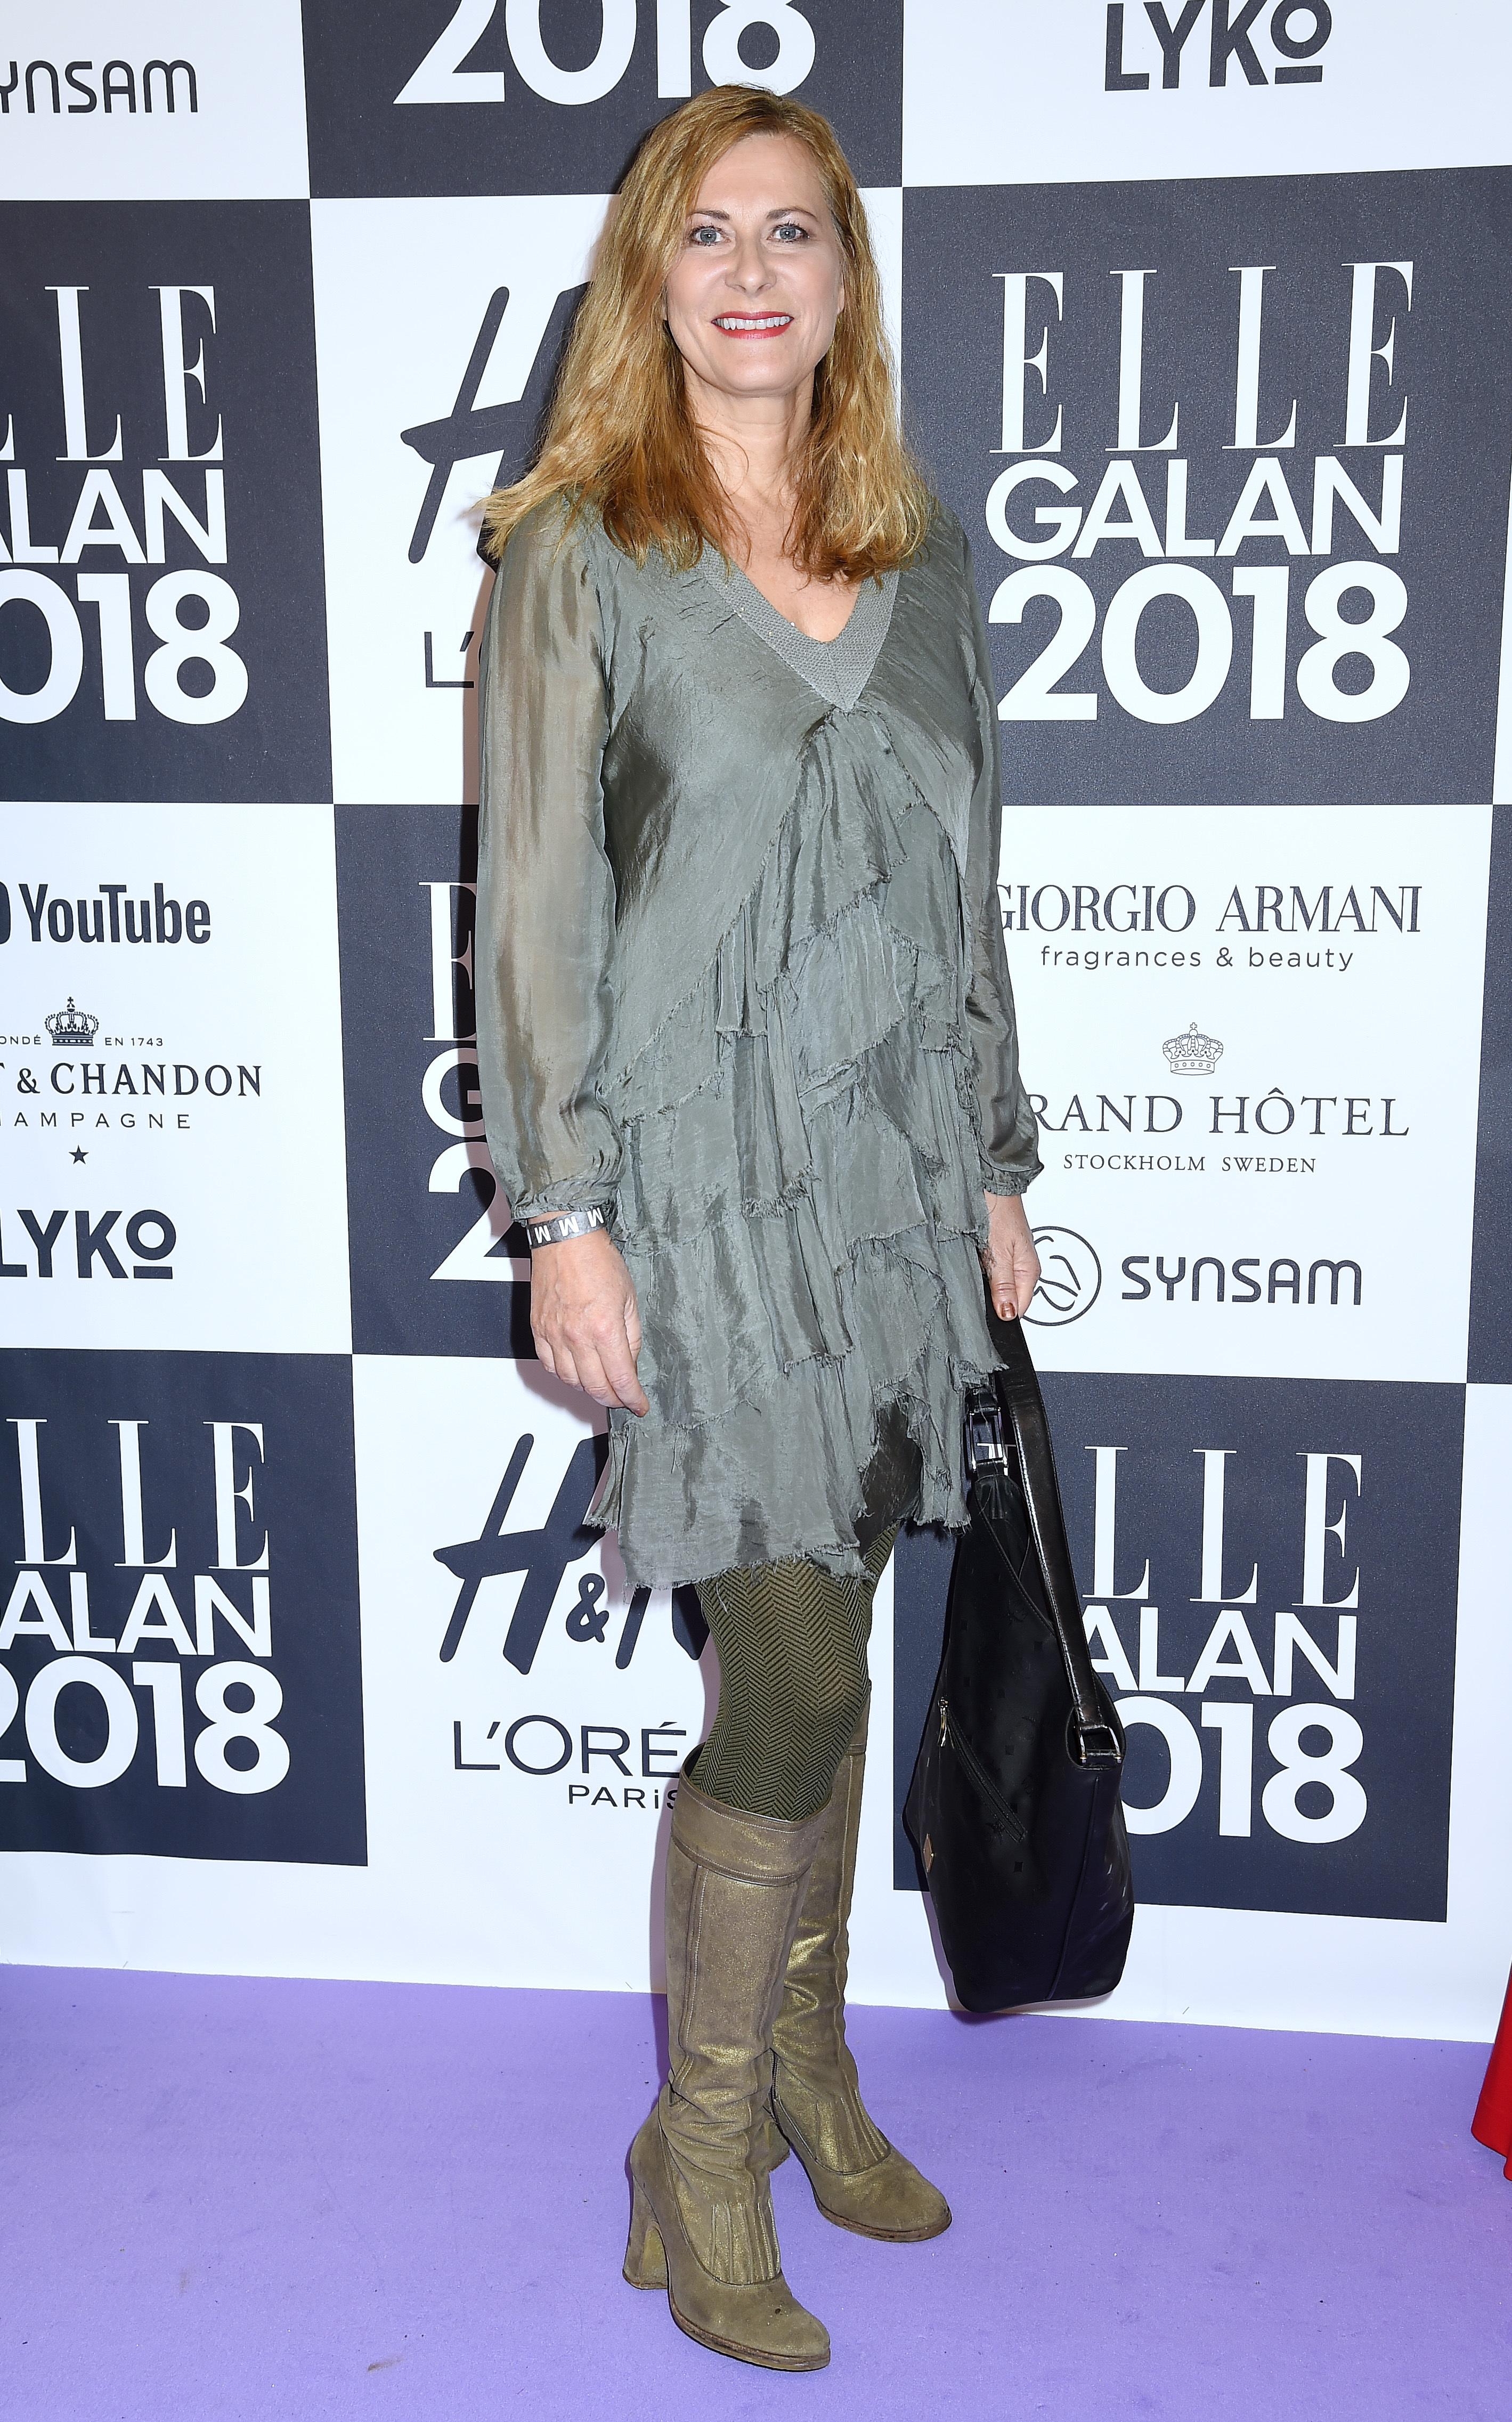 Jag hade på mig en en volangklänning från Italienska Polina och stövlar från belgiska märket Essentiell